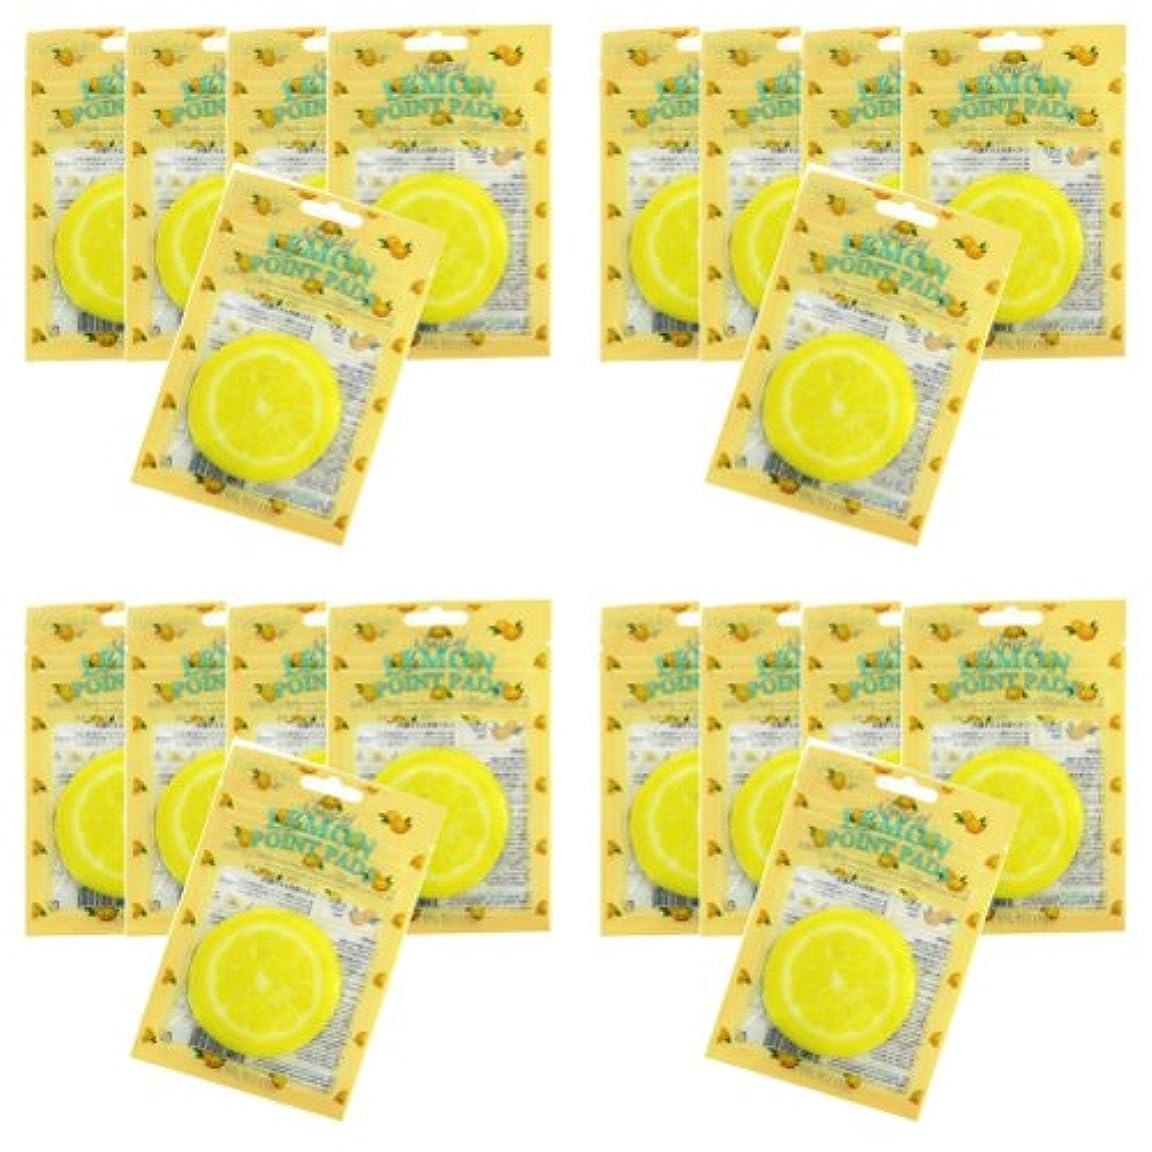 踊り子葉っぱ独特のピュアスマイル ジューシーポイントパッド レモン20パックセット(1パック10枚入 合計200枚)